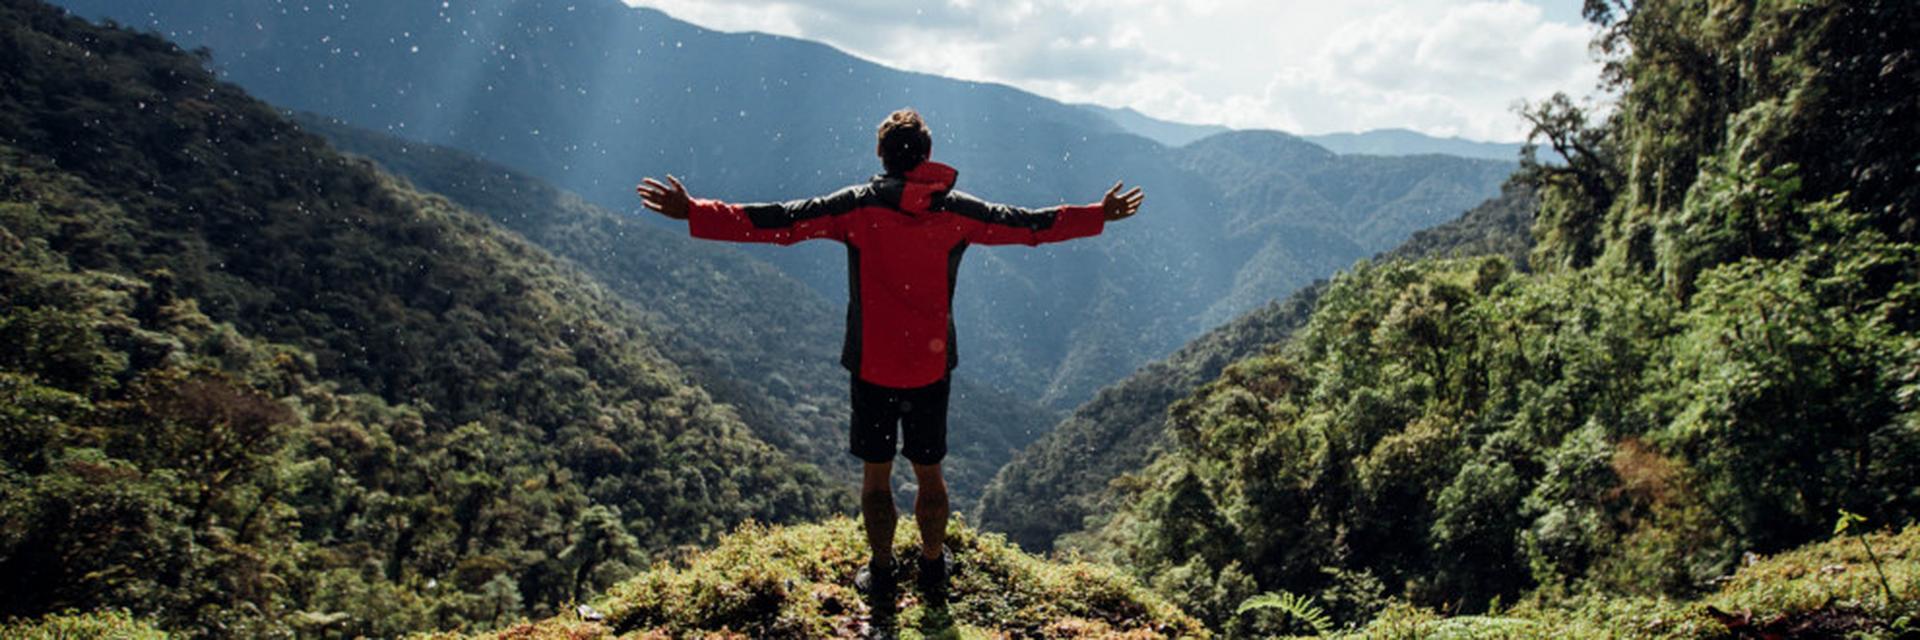 Ein Mann in Outdoorjacke steht vor einem Bergpanorama.